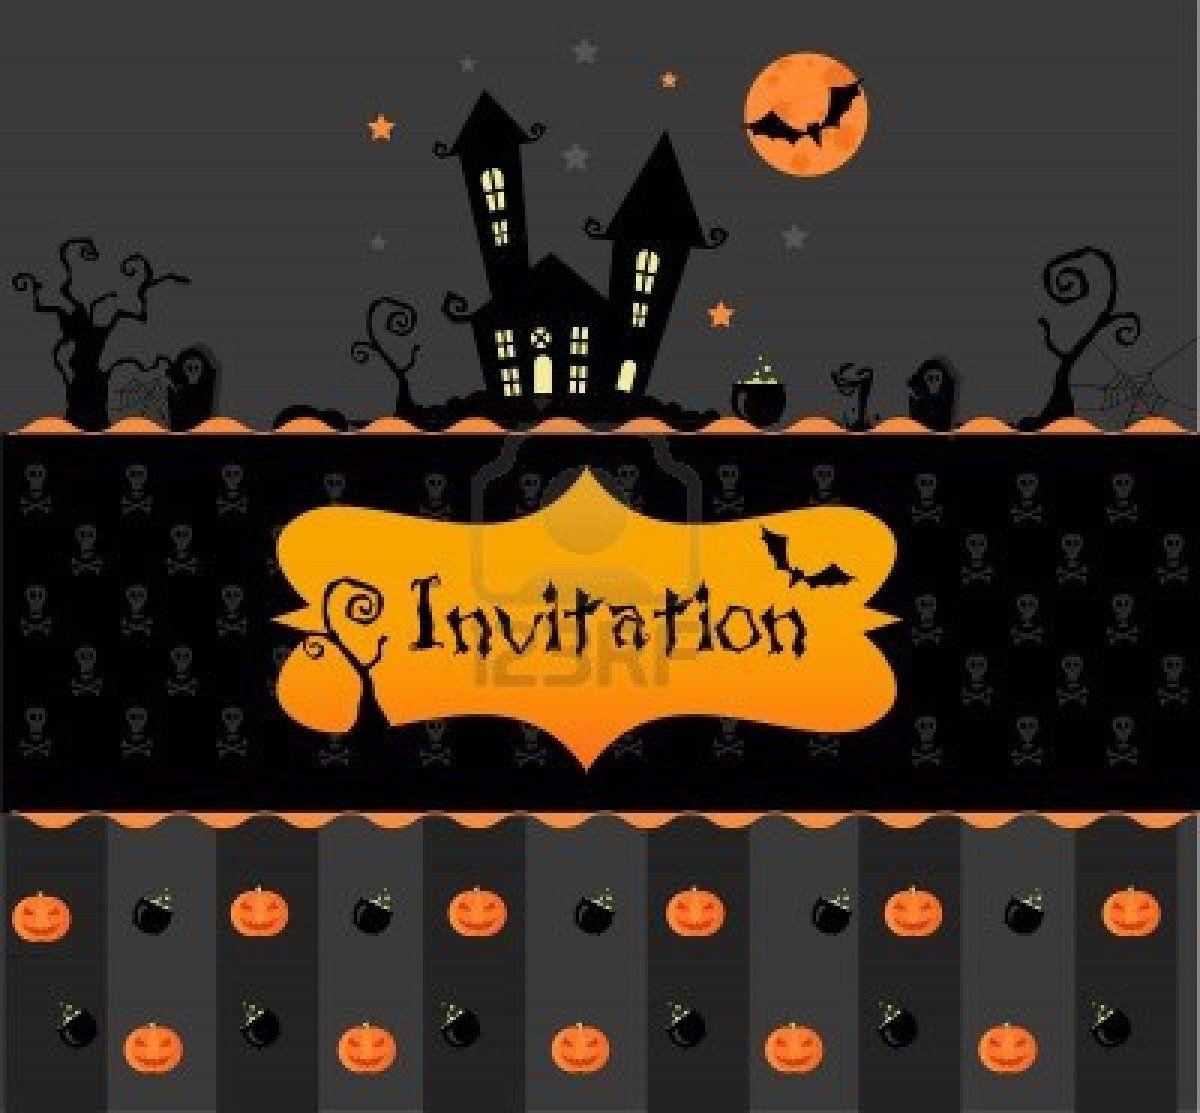 Carte Invitation Halloween Avec Vecteur Pumpkns Les Chauves Souris Et Noir Maison Invitation Halloween Carte Anniversaire Carte Invitation Anniversaire Halloween